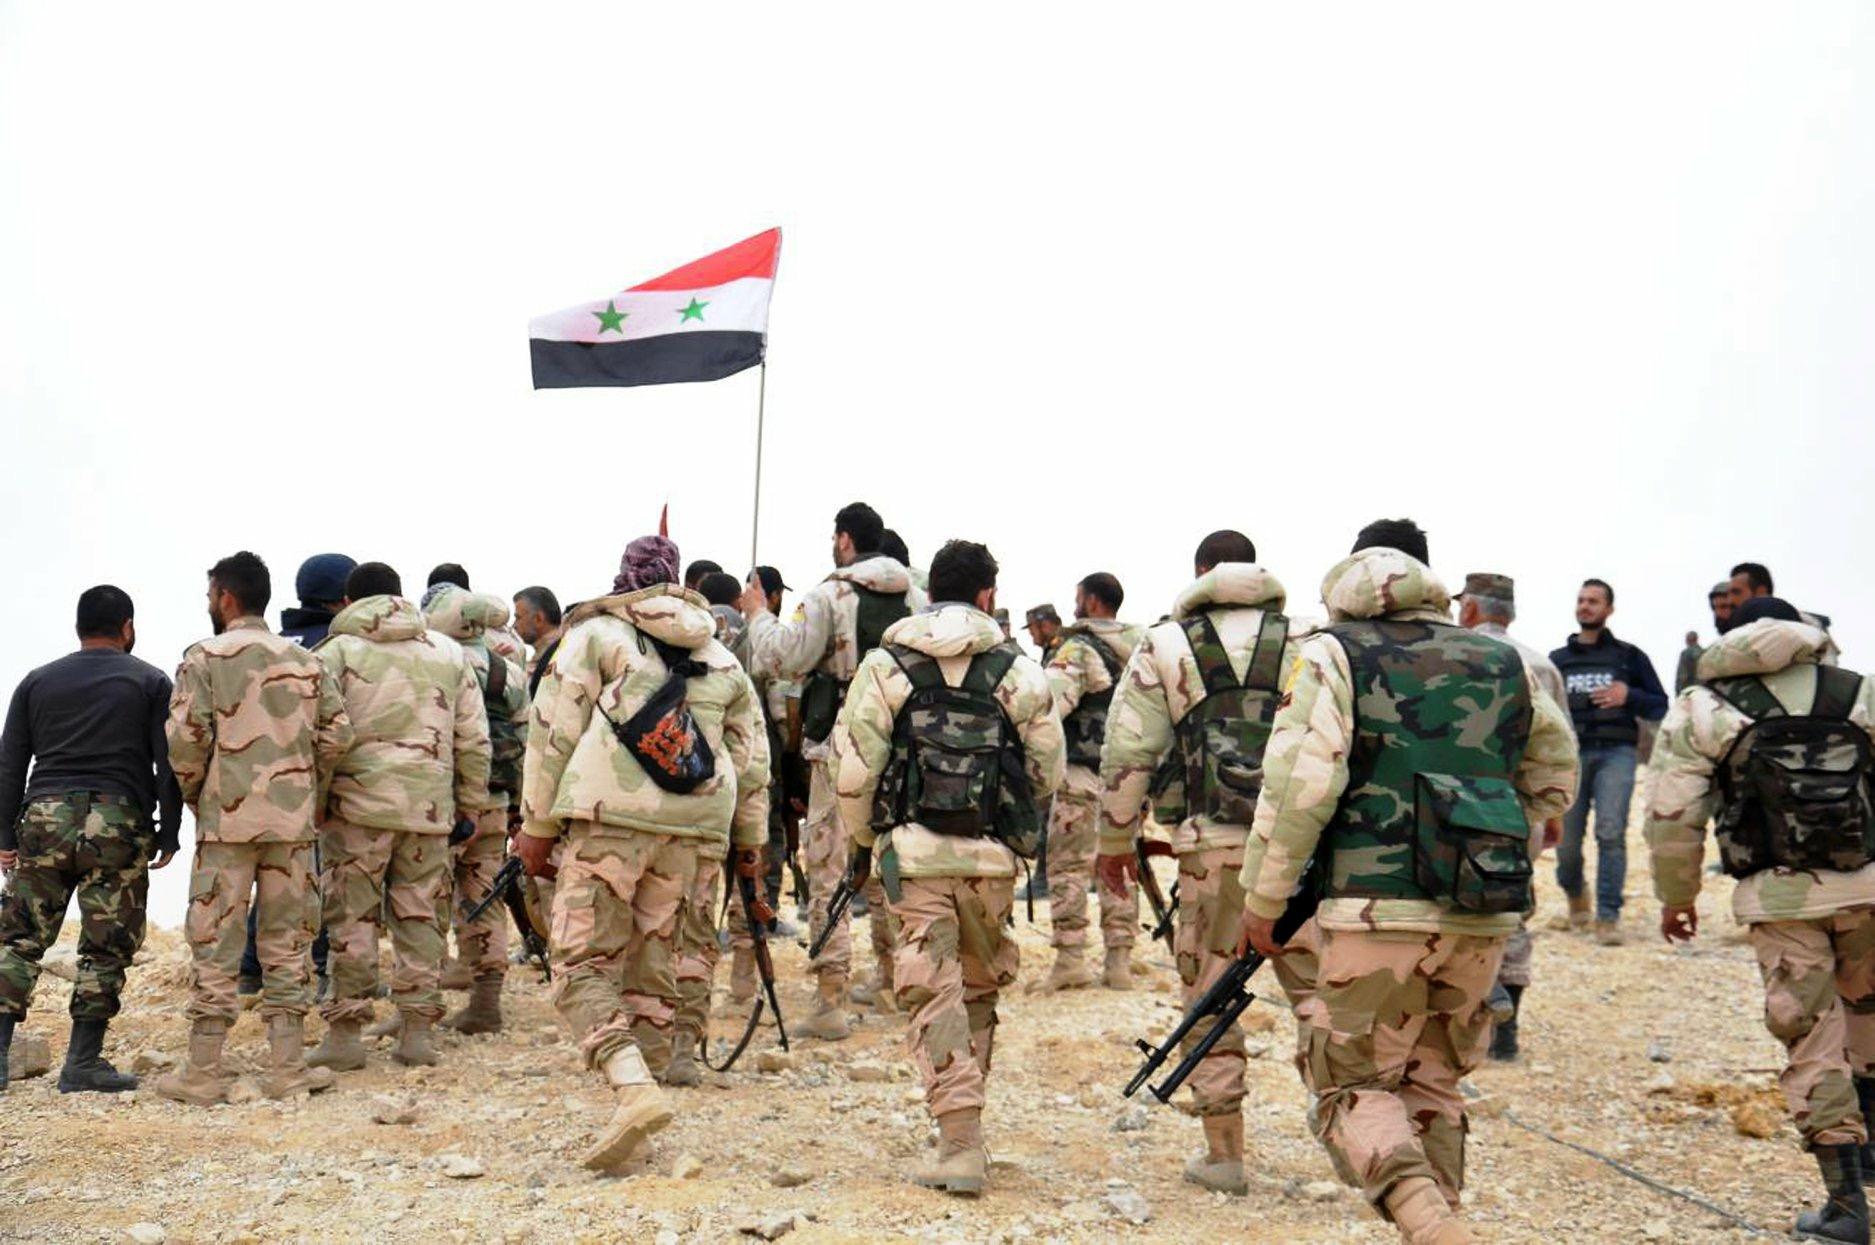 لتدعيم جبهاته في إدلب..النظام يشن حملة لتجنيد الشباب في ريف الرقة